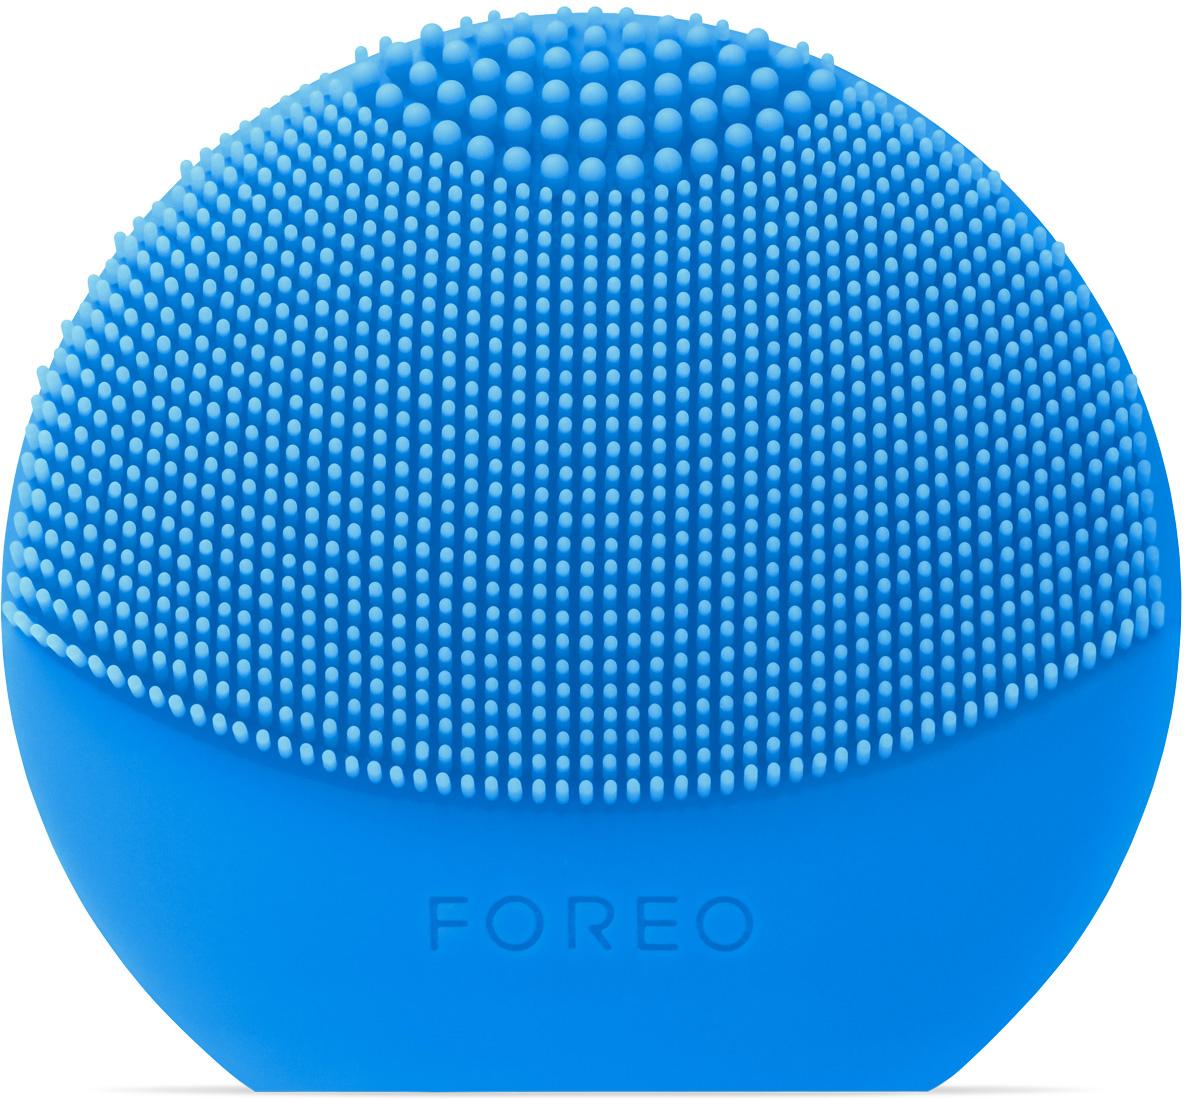 Foreo Щетка для очищения лица LUNA play plus, цвет: Aquamarine (голубой)F7768LUNA play plus, благодаря которой твоя кожа всегда остаётся безупречно красивой, идеально подходит для знакомства с линией по уходу за кожей от FOREO. Мягкие силиконовые щетинки, передающие до 8000 T Sonic пульсаций в минуту, глубоко, но нежно очищают поры кожи от 99,5 процентов грязи, кожного жира и остатков макияжа. Очищающая поверхность большего размера и удлинённые щетинки LUNA play plus обеспечивают более нежную интенсивную очистку. Прибор работает на сменной батарейке ААА, что делает его практичным и долговечным. Прикосновение мягкого силикона к коже необычайно нежно и приятно, он гипоаллергенен и не содержит фталатов и ВРА. LUNA play plus позволит избежать дополнительных затрат, так как не нуждается в сменных насадках. Используй ее всего 1 минуту дважды в день с любимым средством для очищения, и твоя кожа станет заметно красивее.